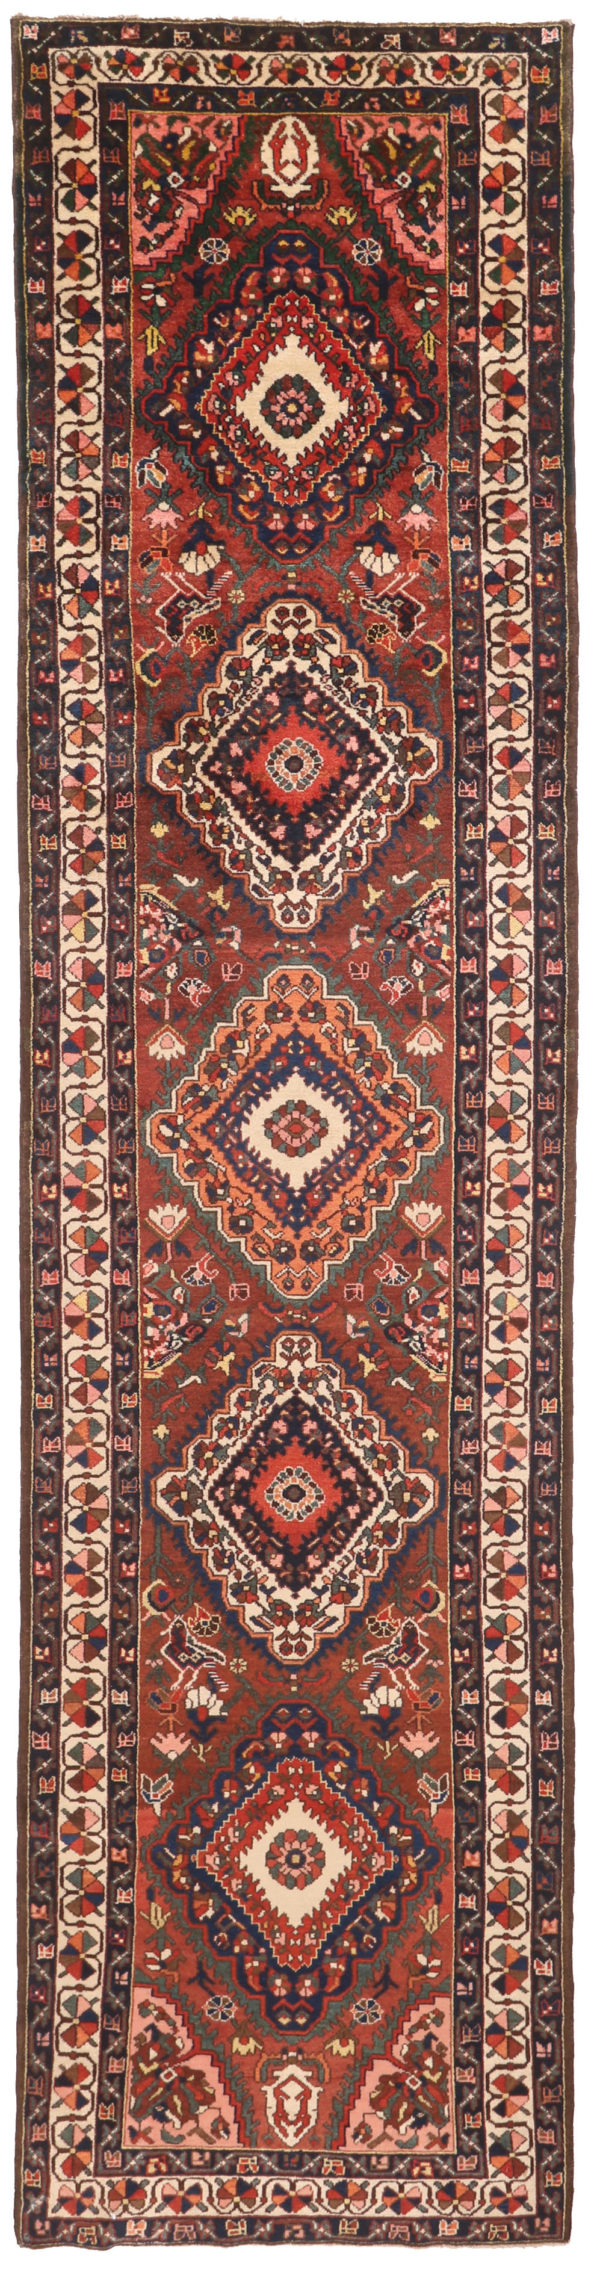 317155 Bakhtiar Circa 1950 Size 470 X 115 Cm 1 600x2272